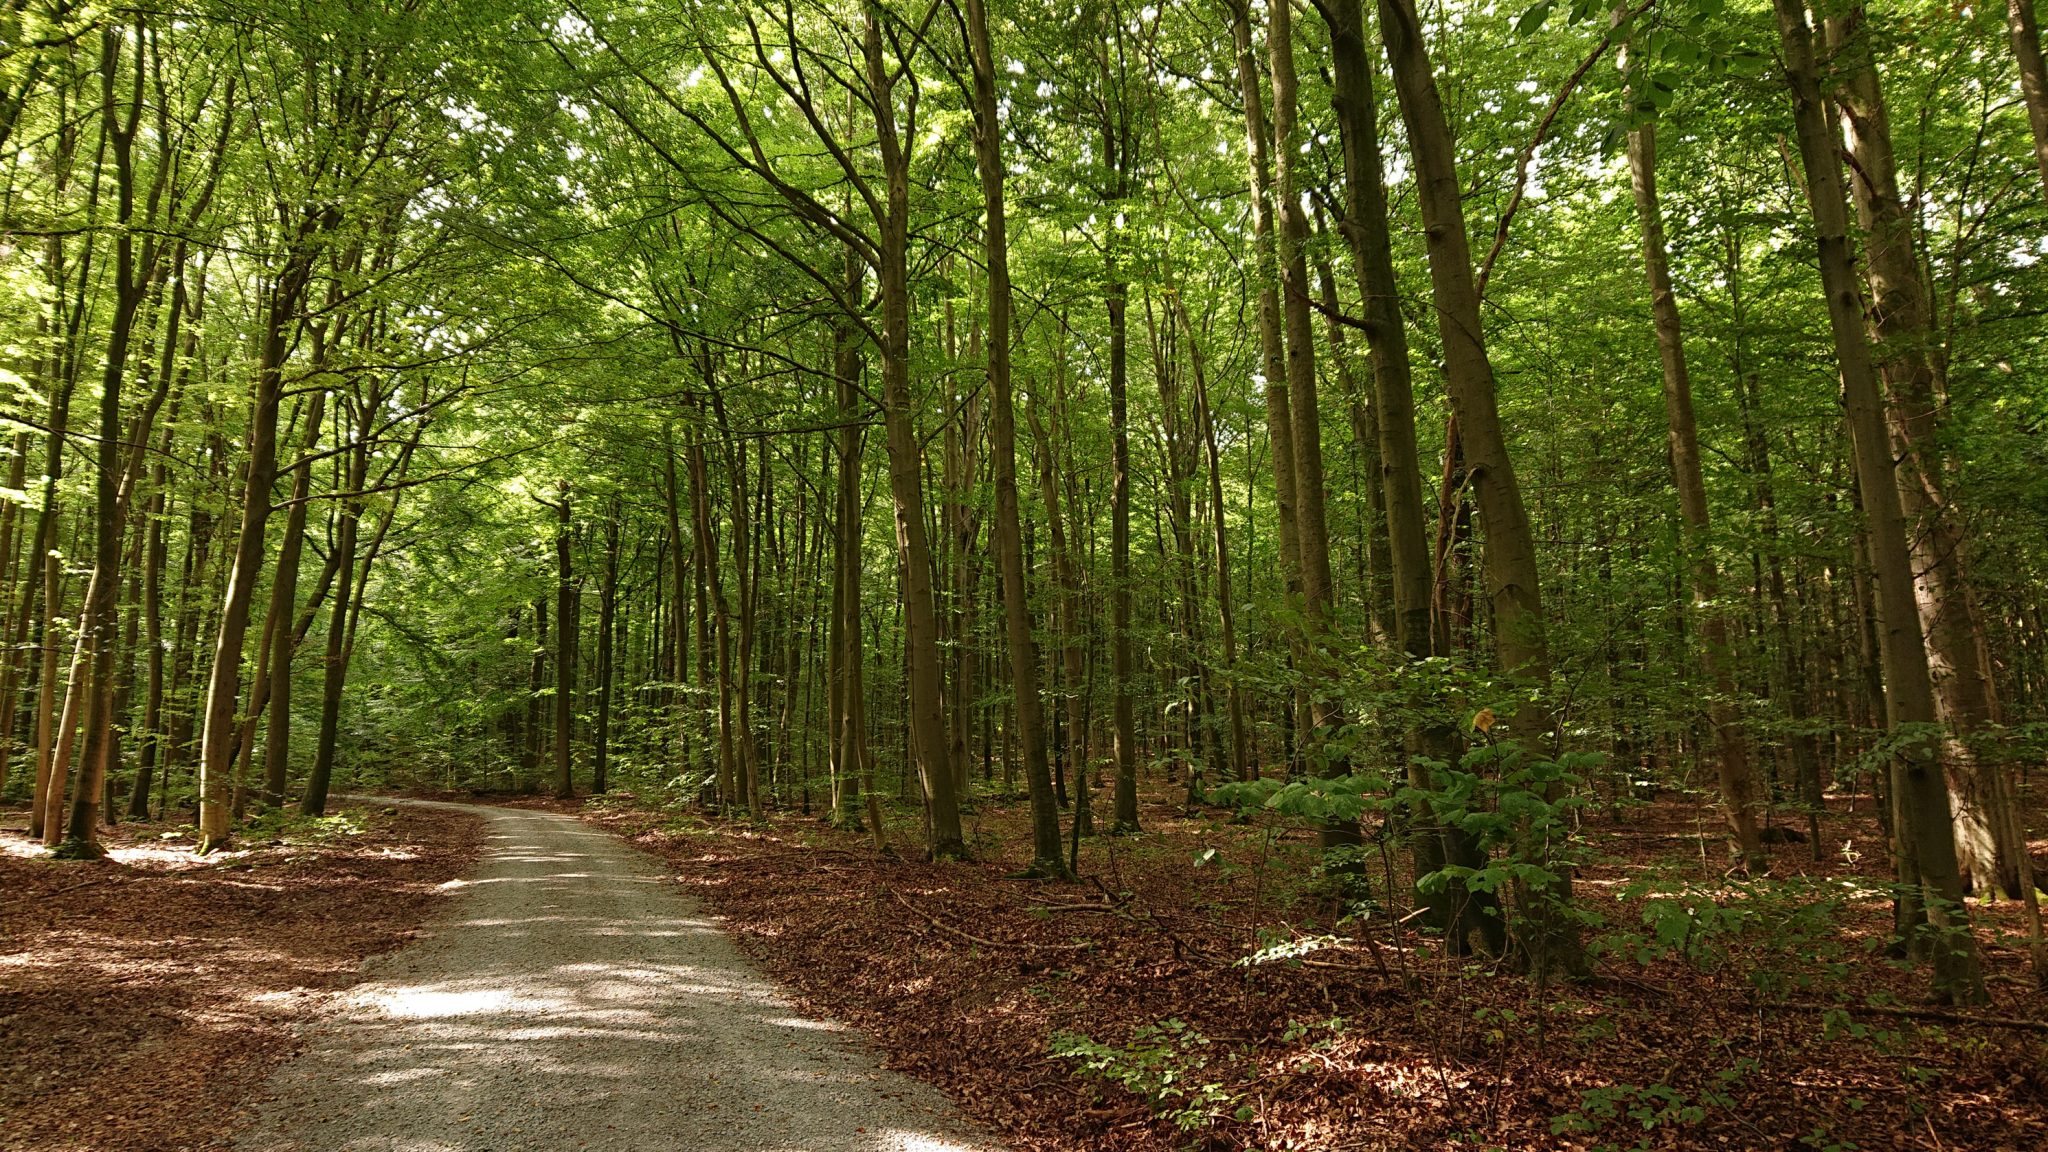 Nationalpark Hainich Saugrabenweg und Betteleichenweg wandern, dichter, ursprünglicher Buchenwald, schöner Wanderweg